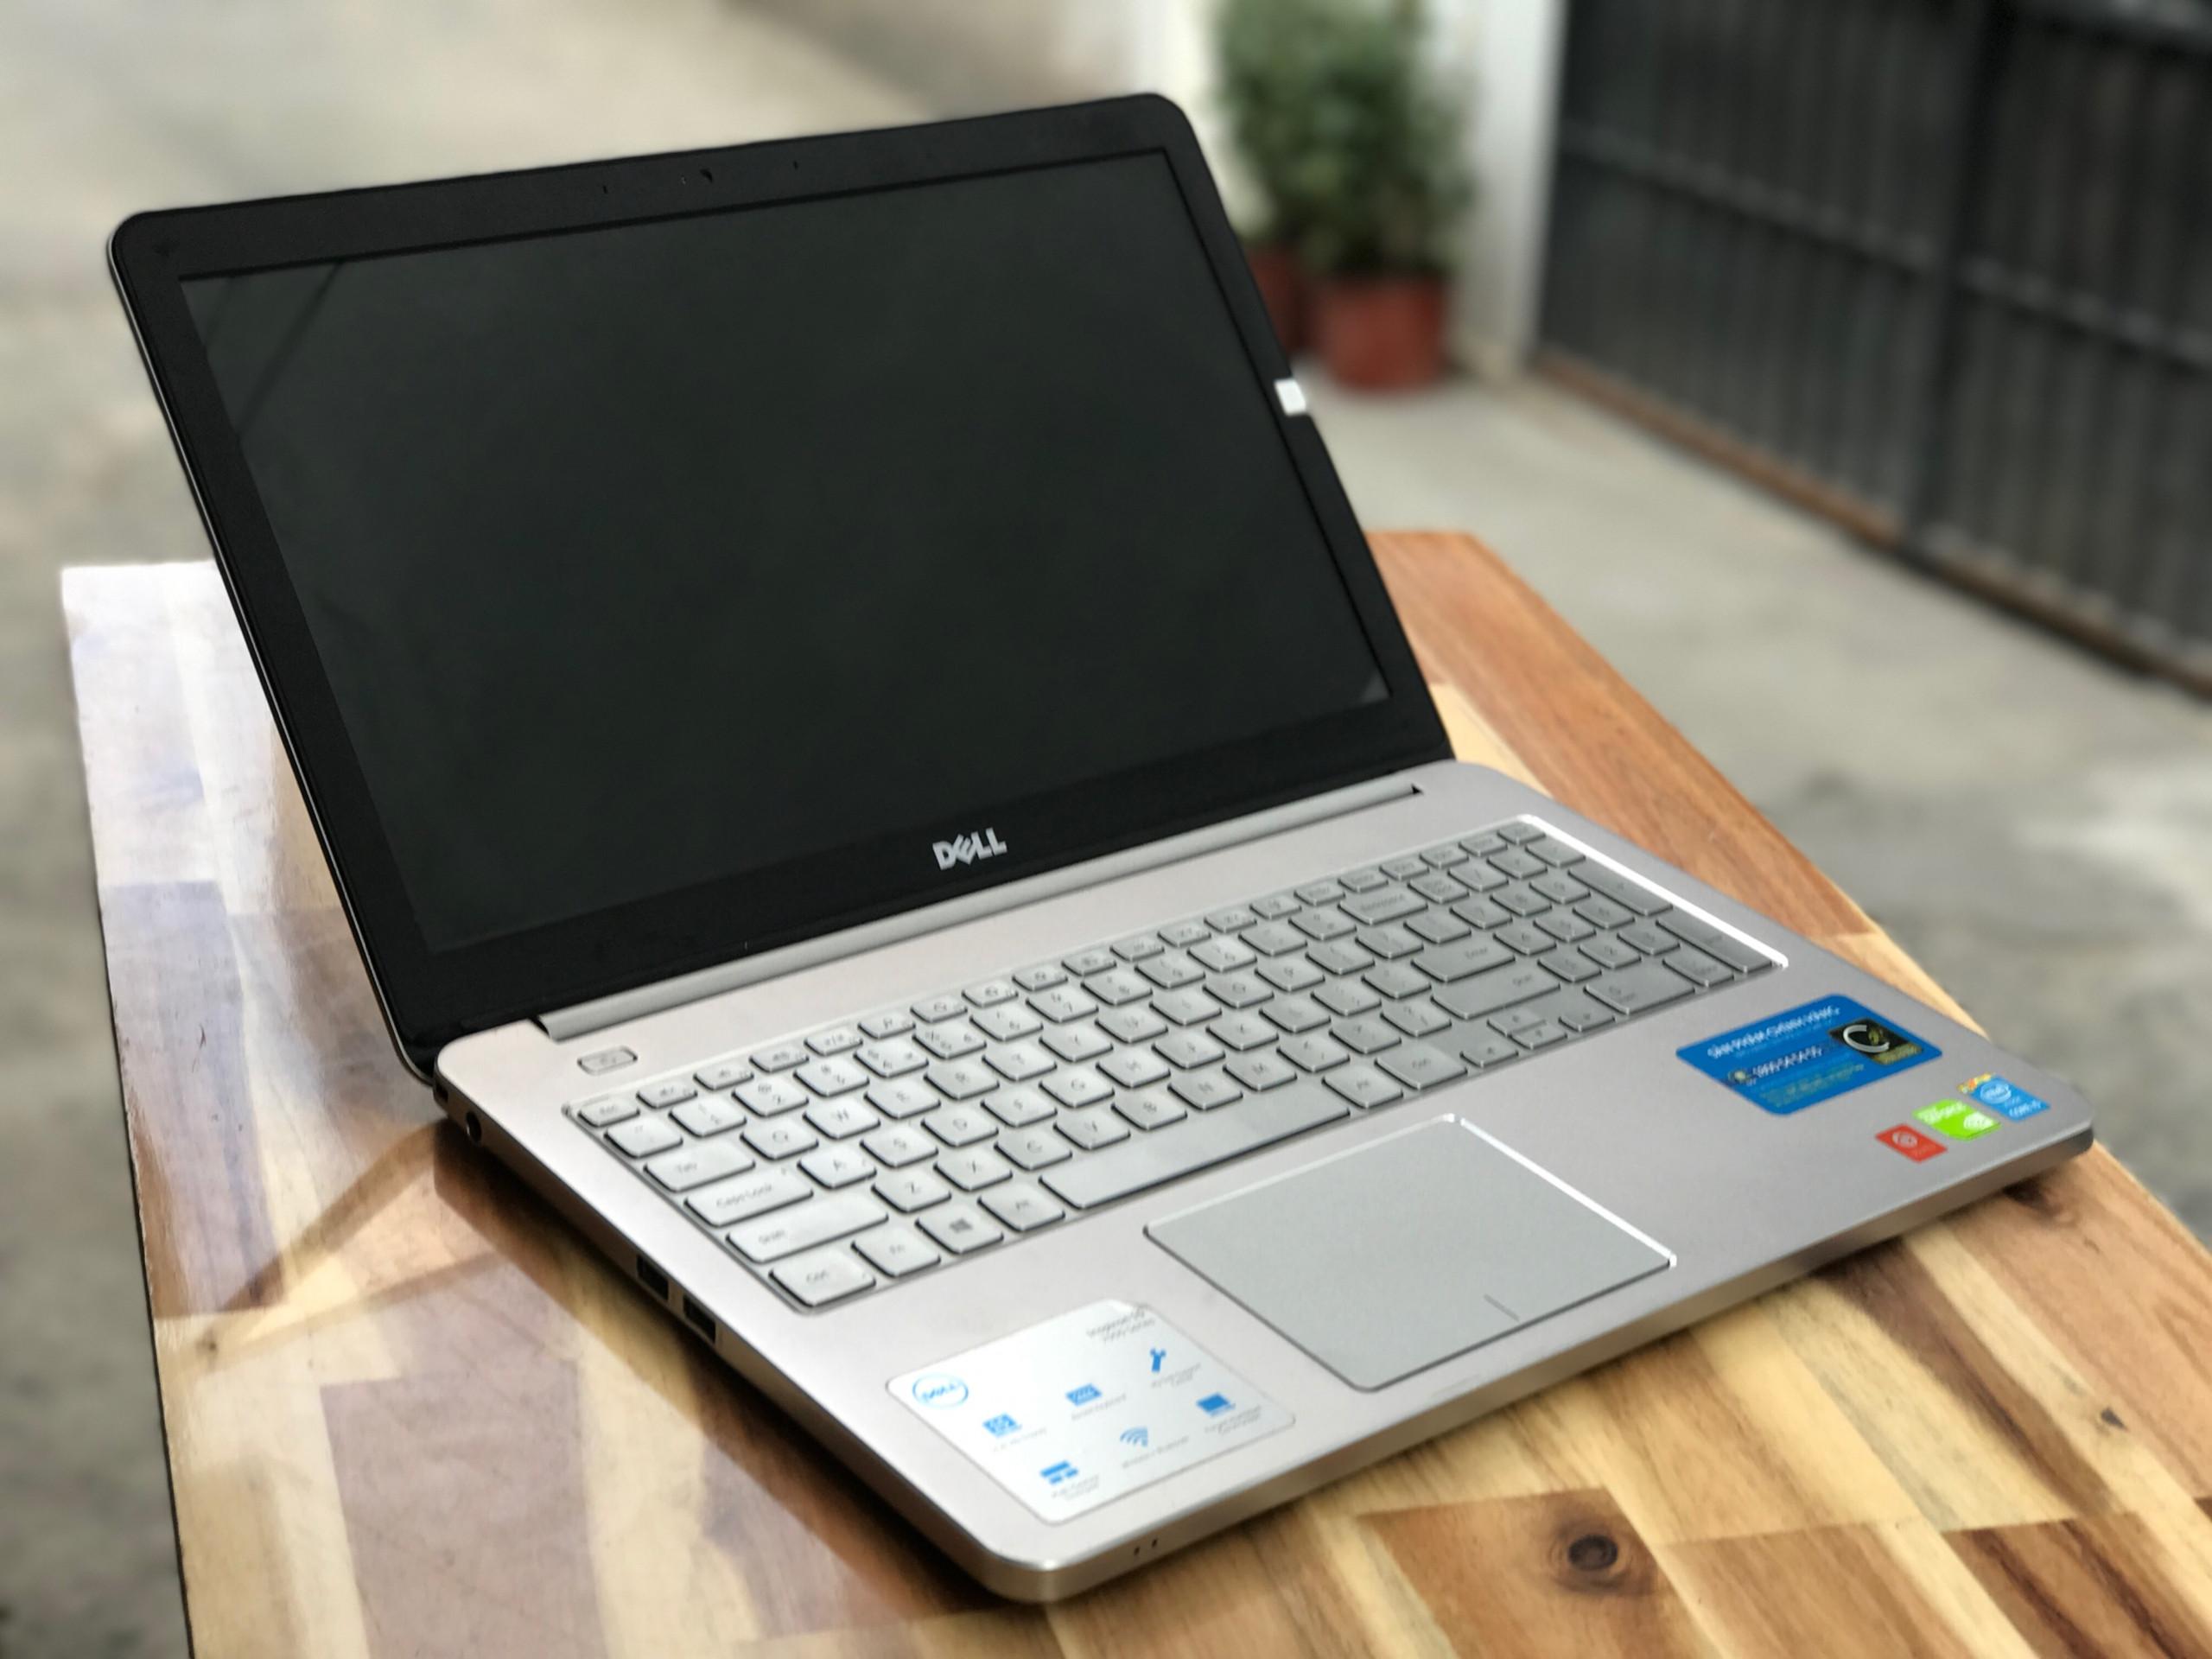 Dell' INSPRION' 7537 Đẹp 99% đẳng cấp doanh nhân